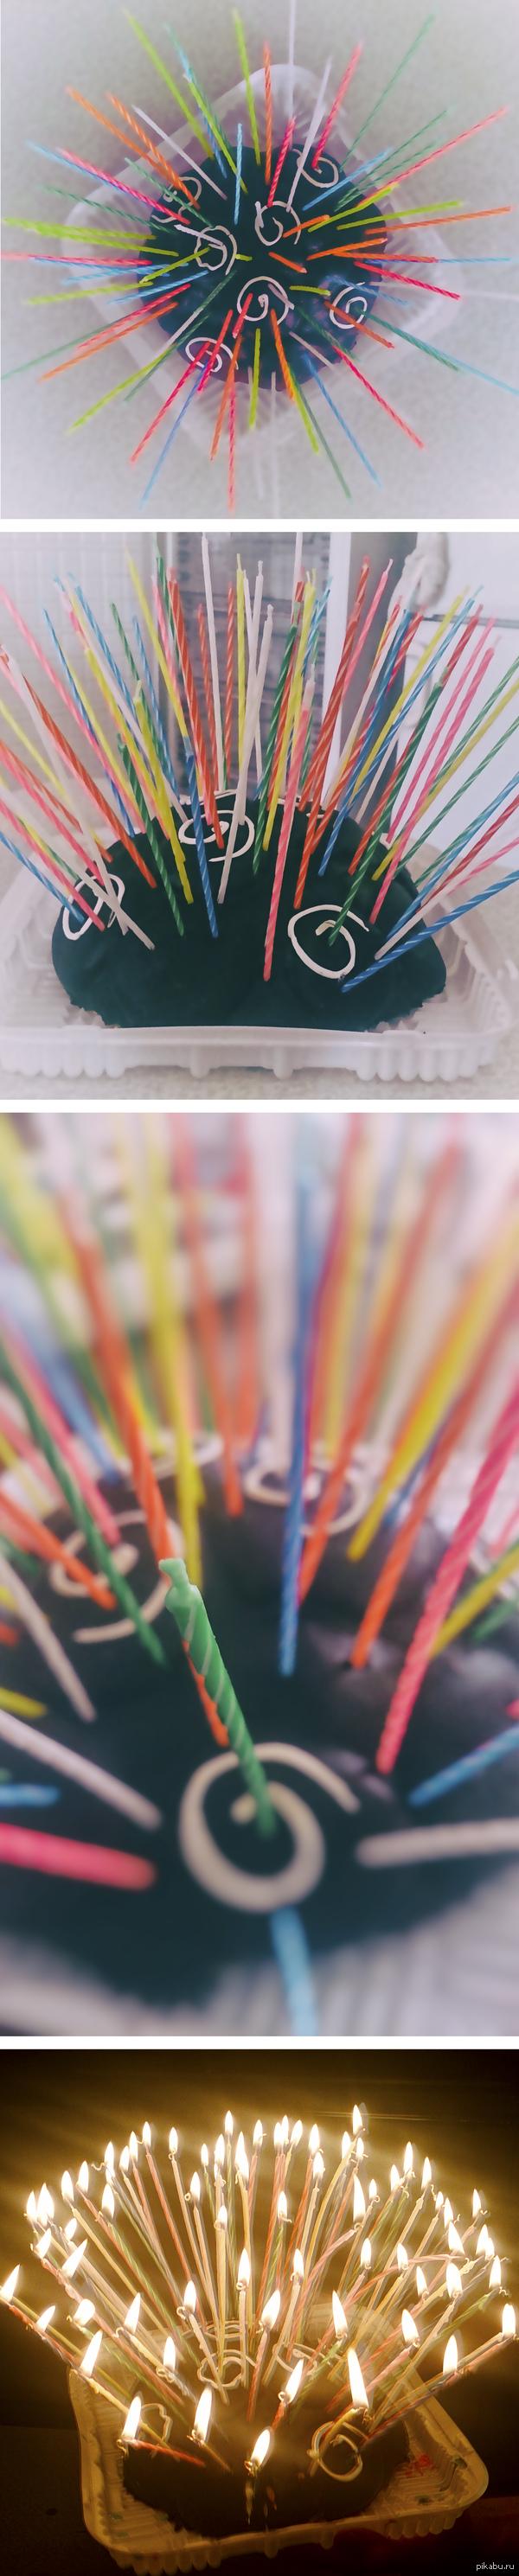 """С Юбилеем! Вот как выглядит торт с 75 свечками. Из """"черепахи"""" получился ежик )  P.S. Фотографировали на мобильник, а на последней торт начал плавиться и воск к"""